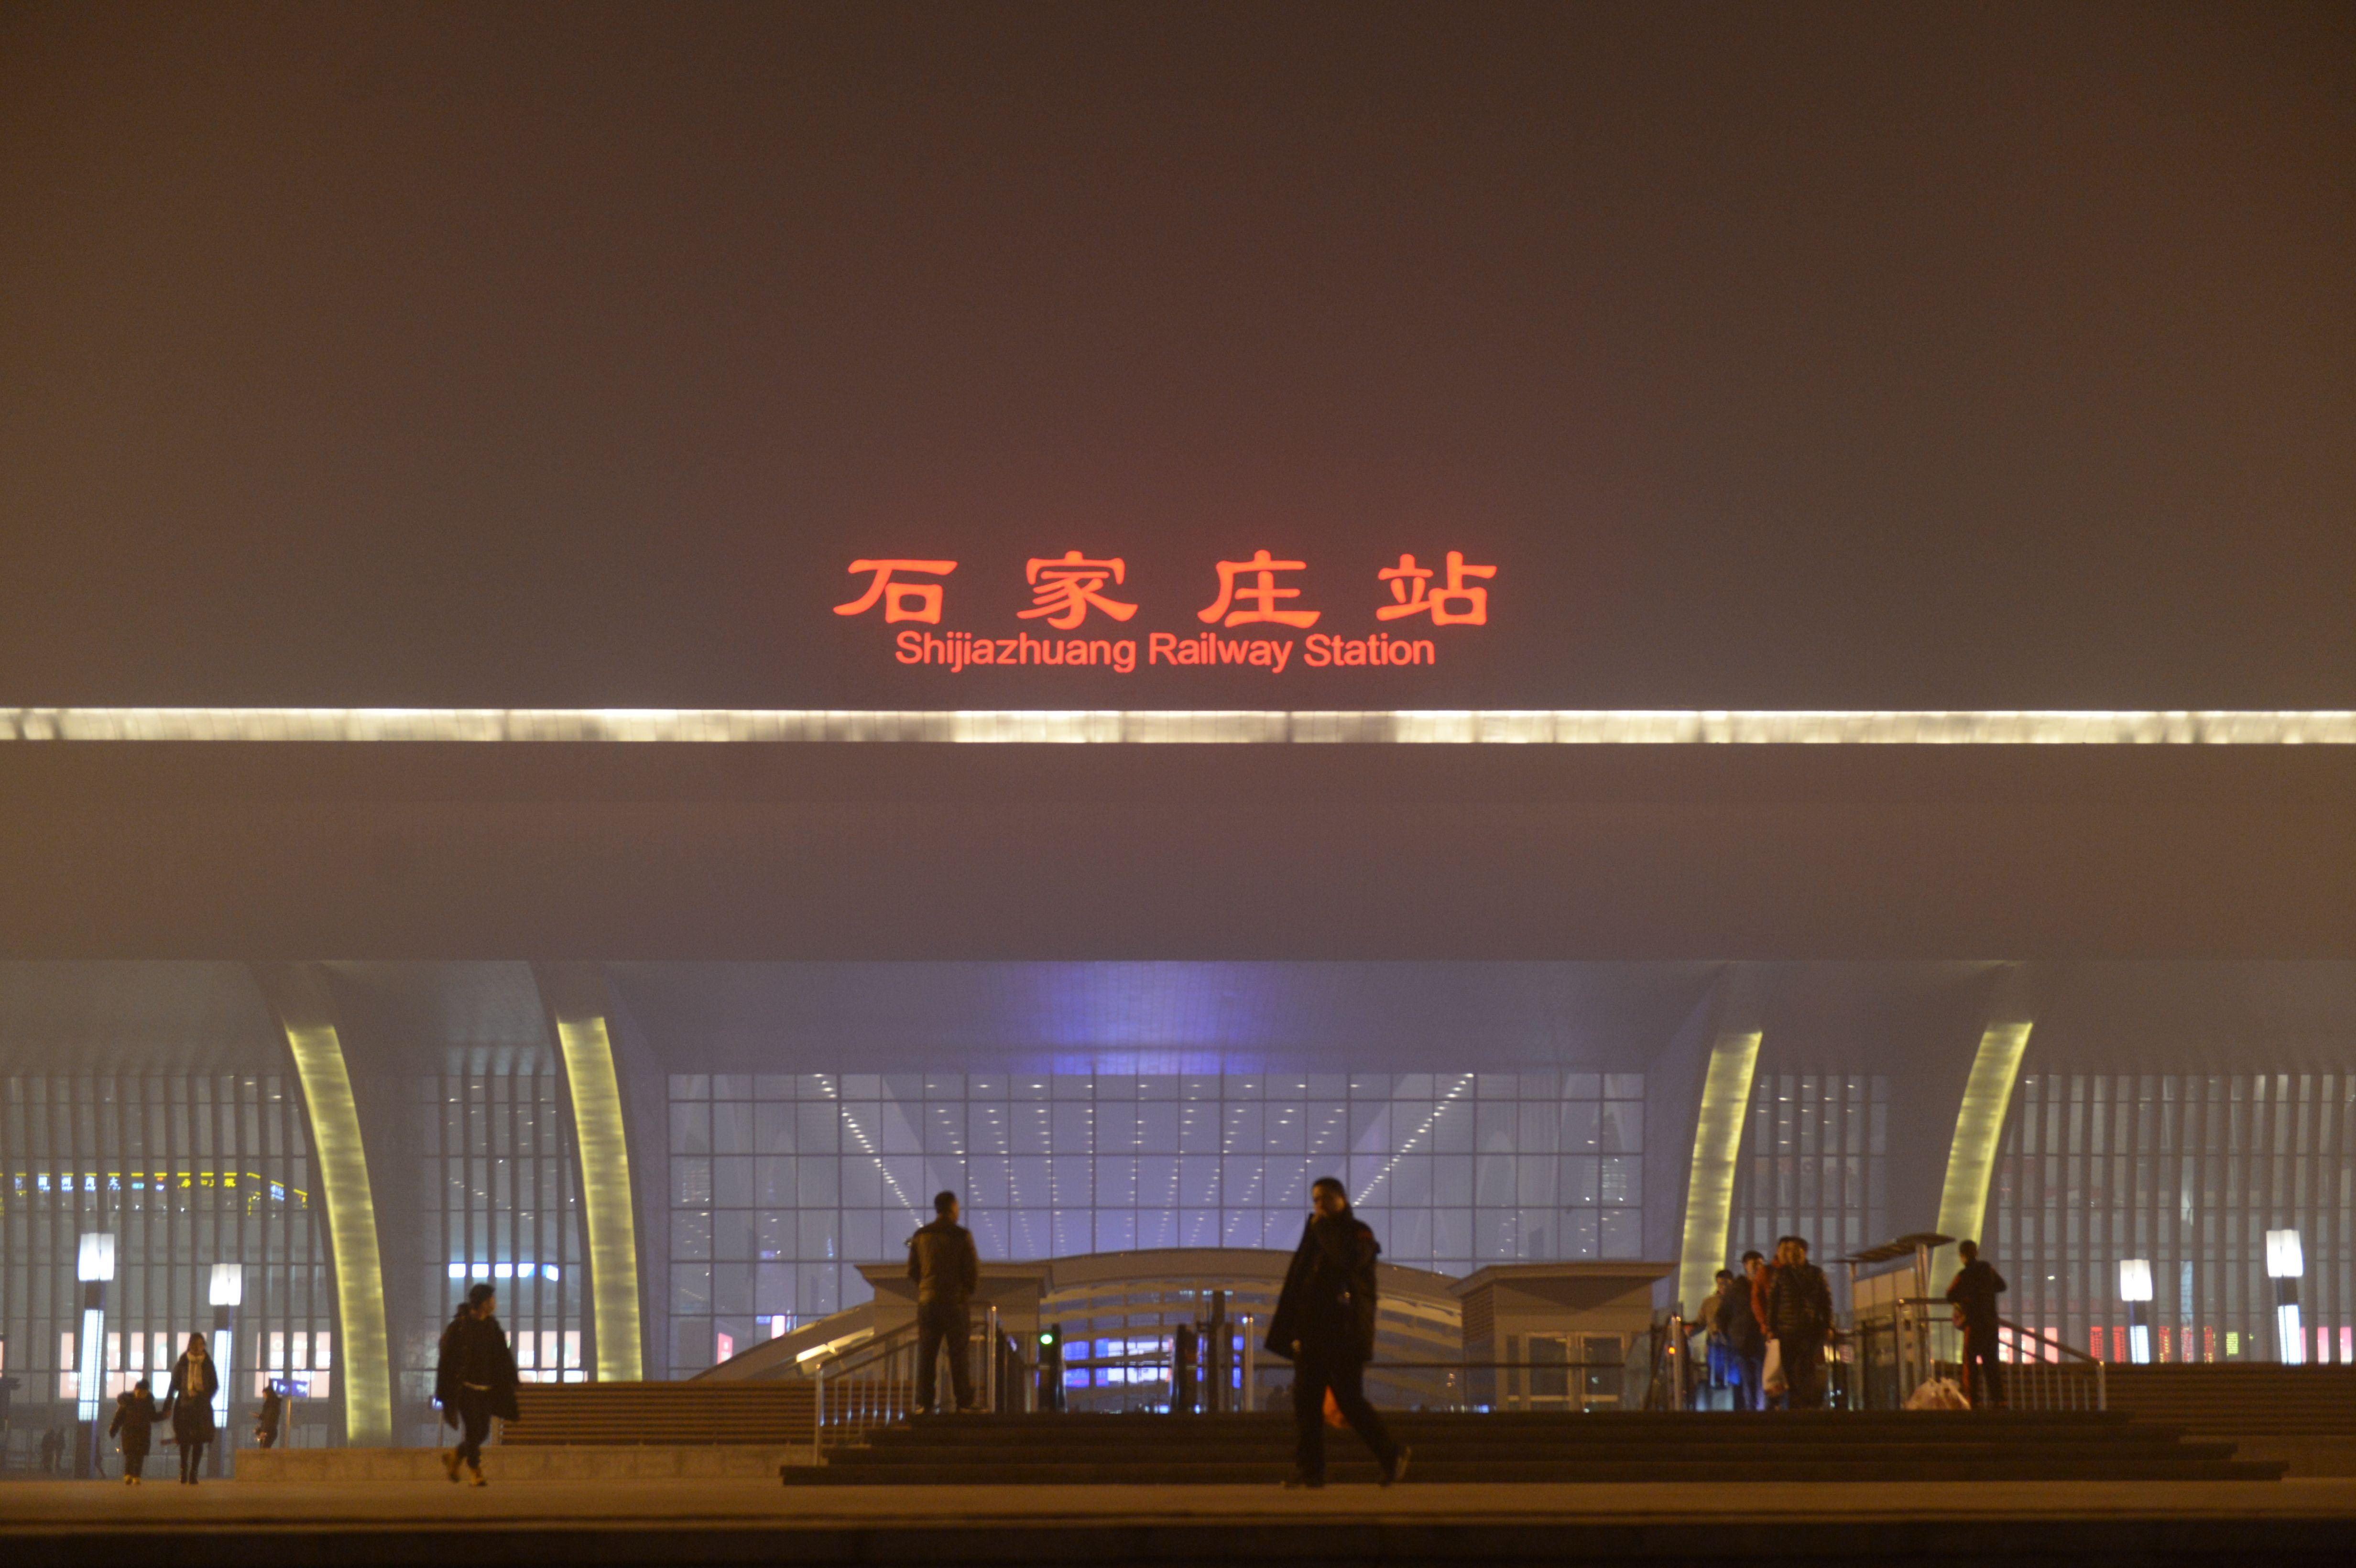 ↑雾霾中的石家庄火车站(12月18日摄)。新华社记者王晓摄